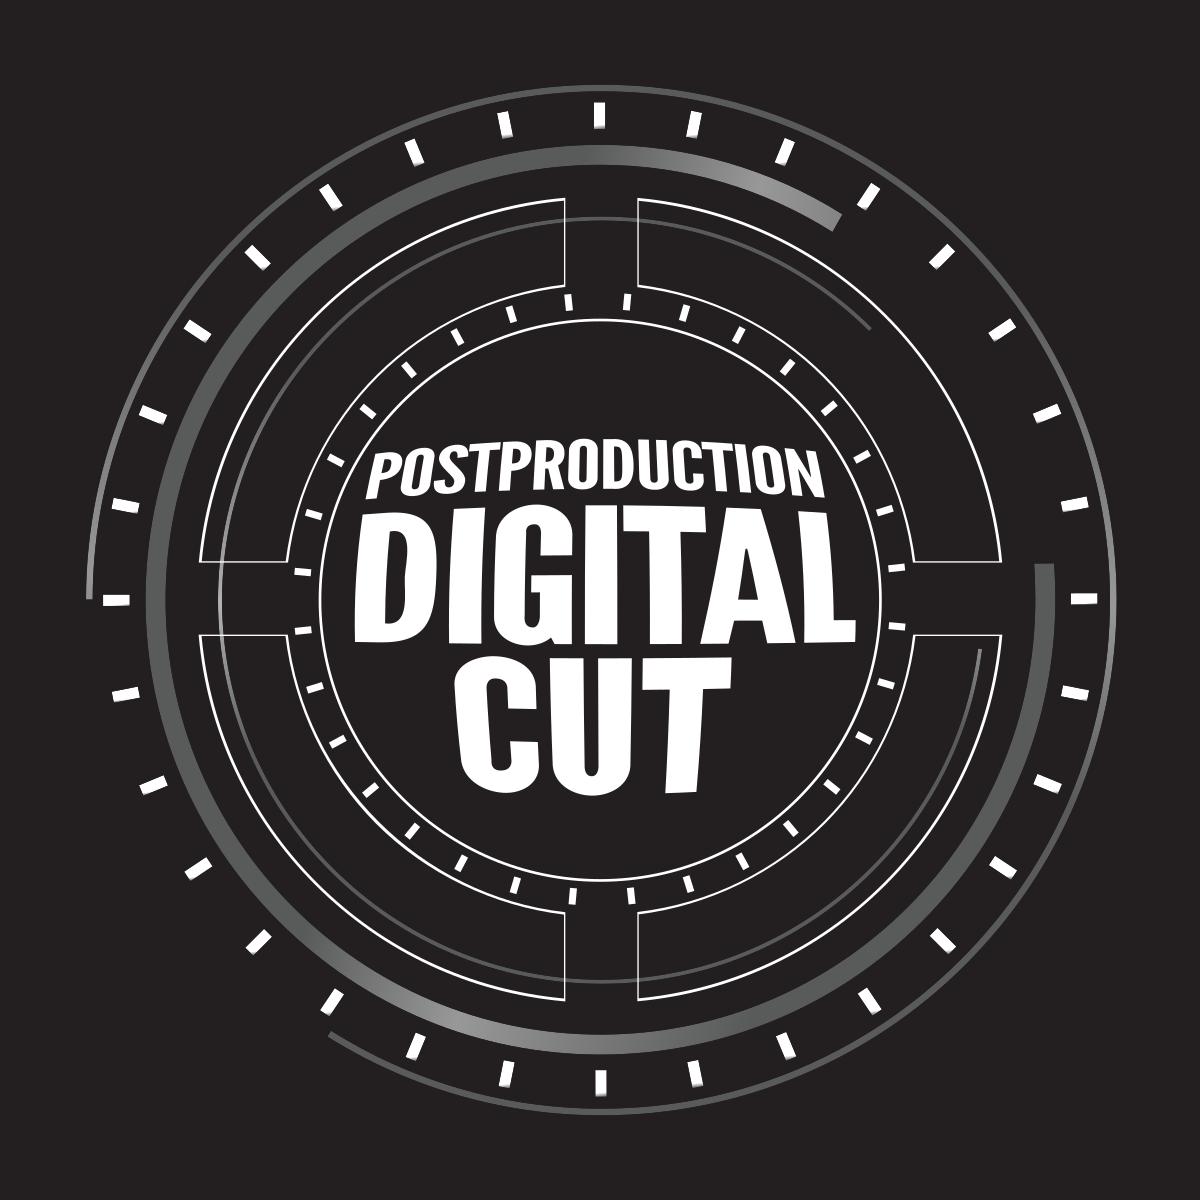 Digital Cut